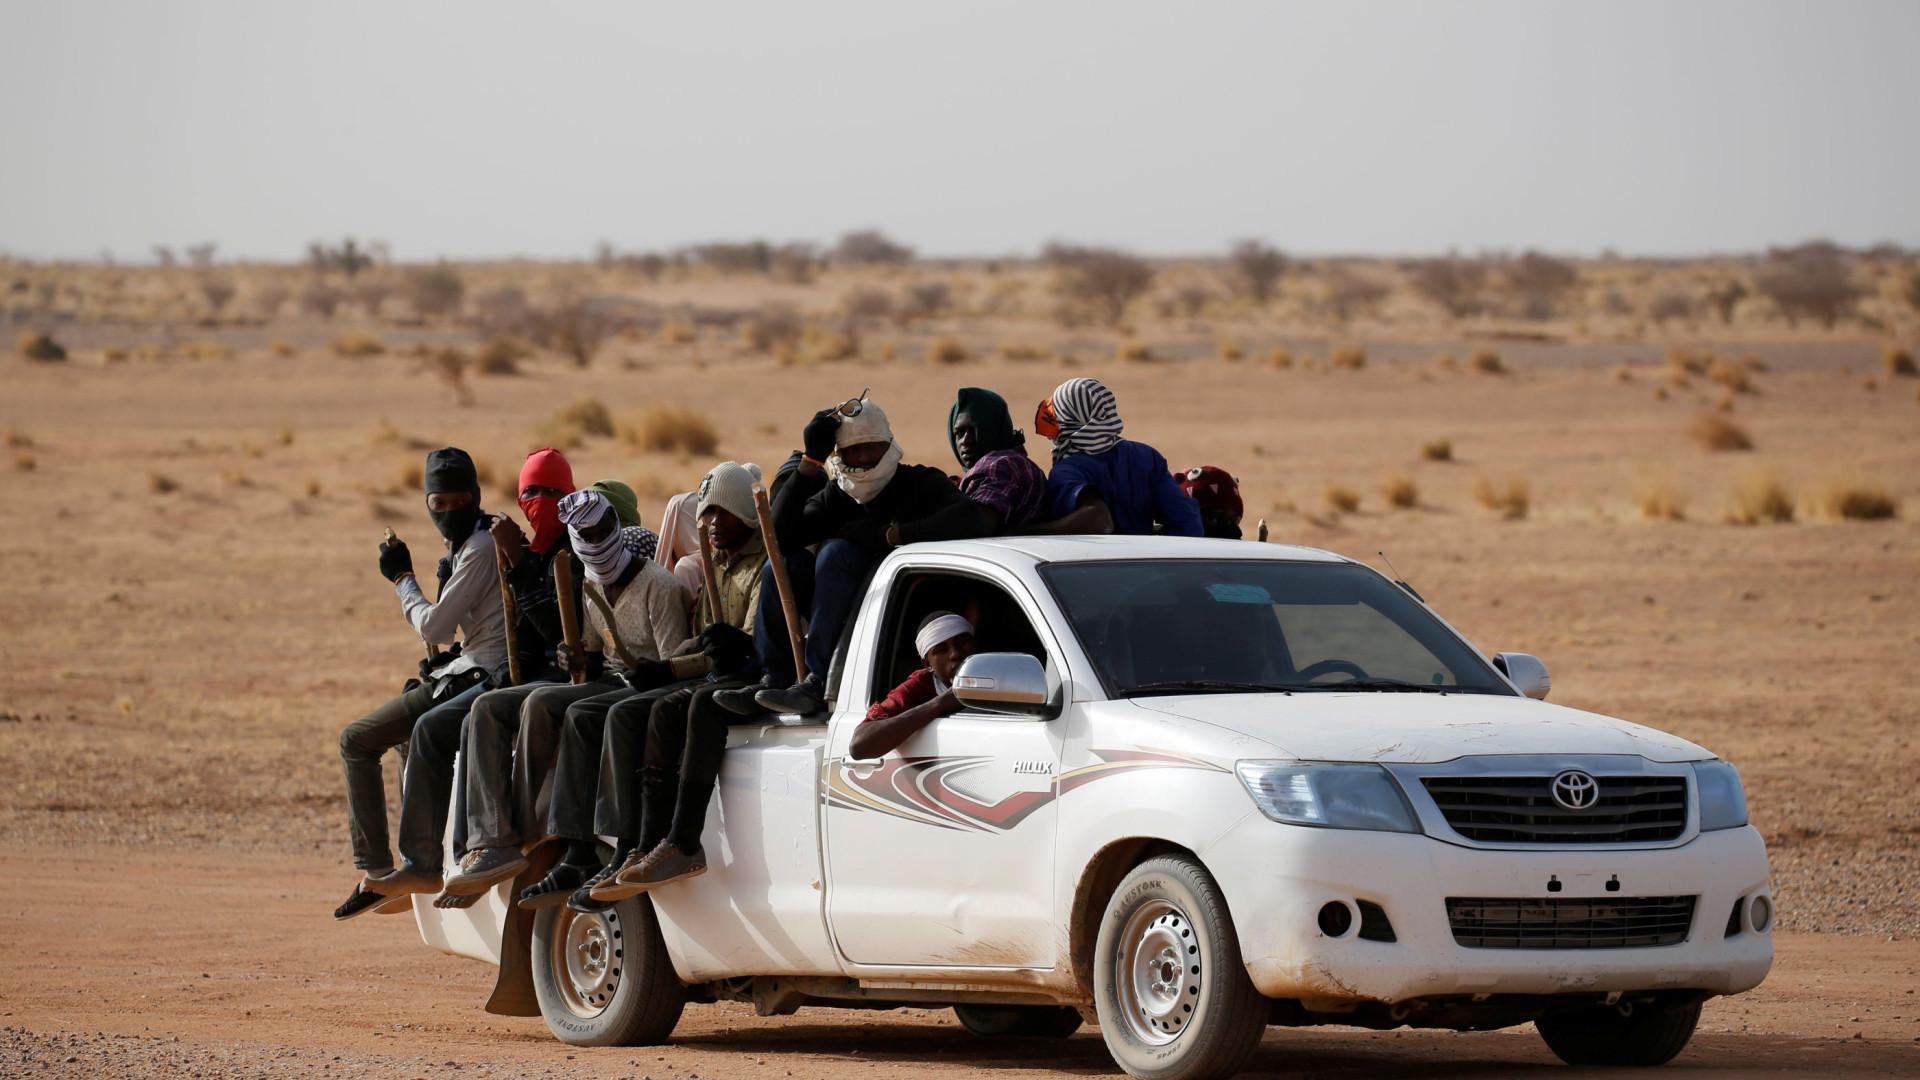 Argélia acaba com expulsões de migrantes face à indignação gerada